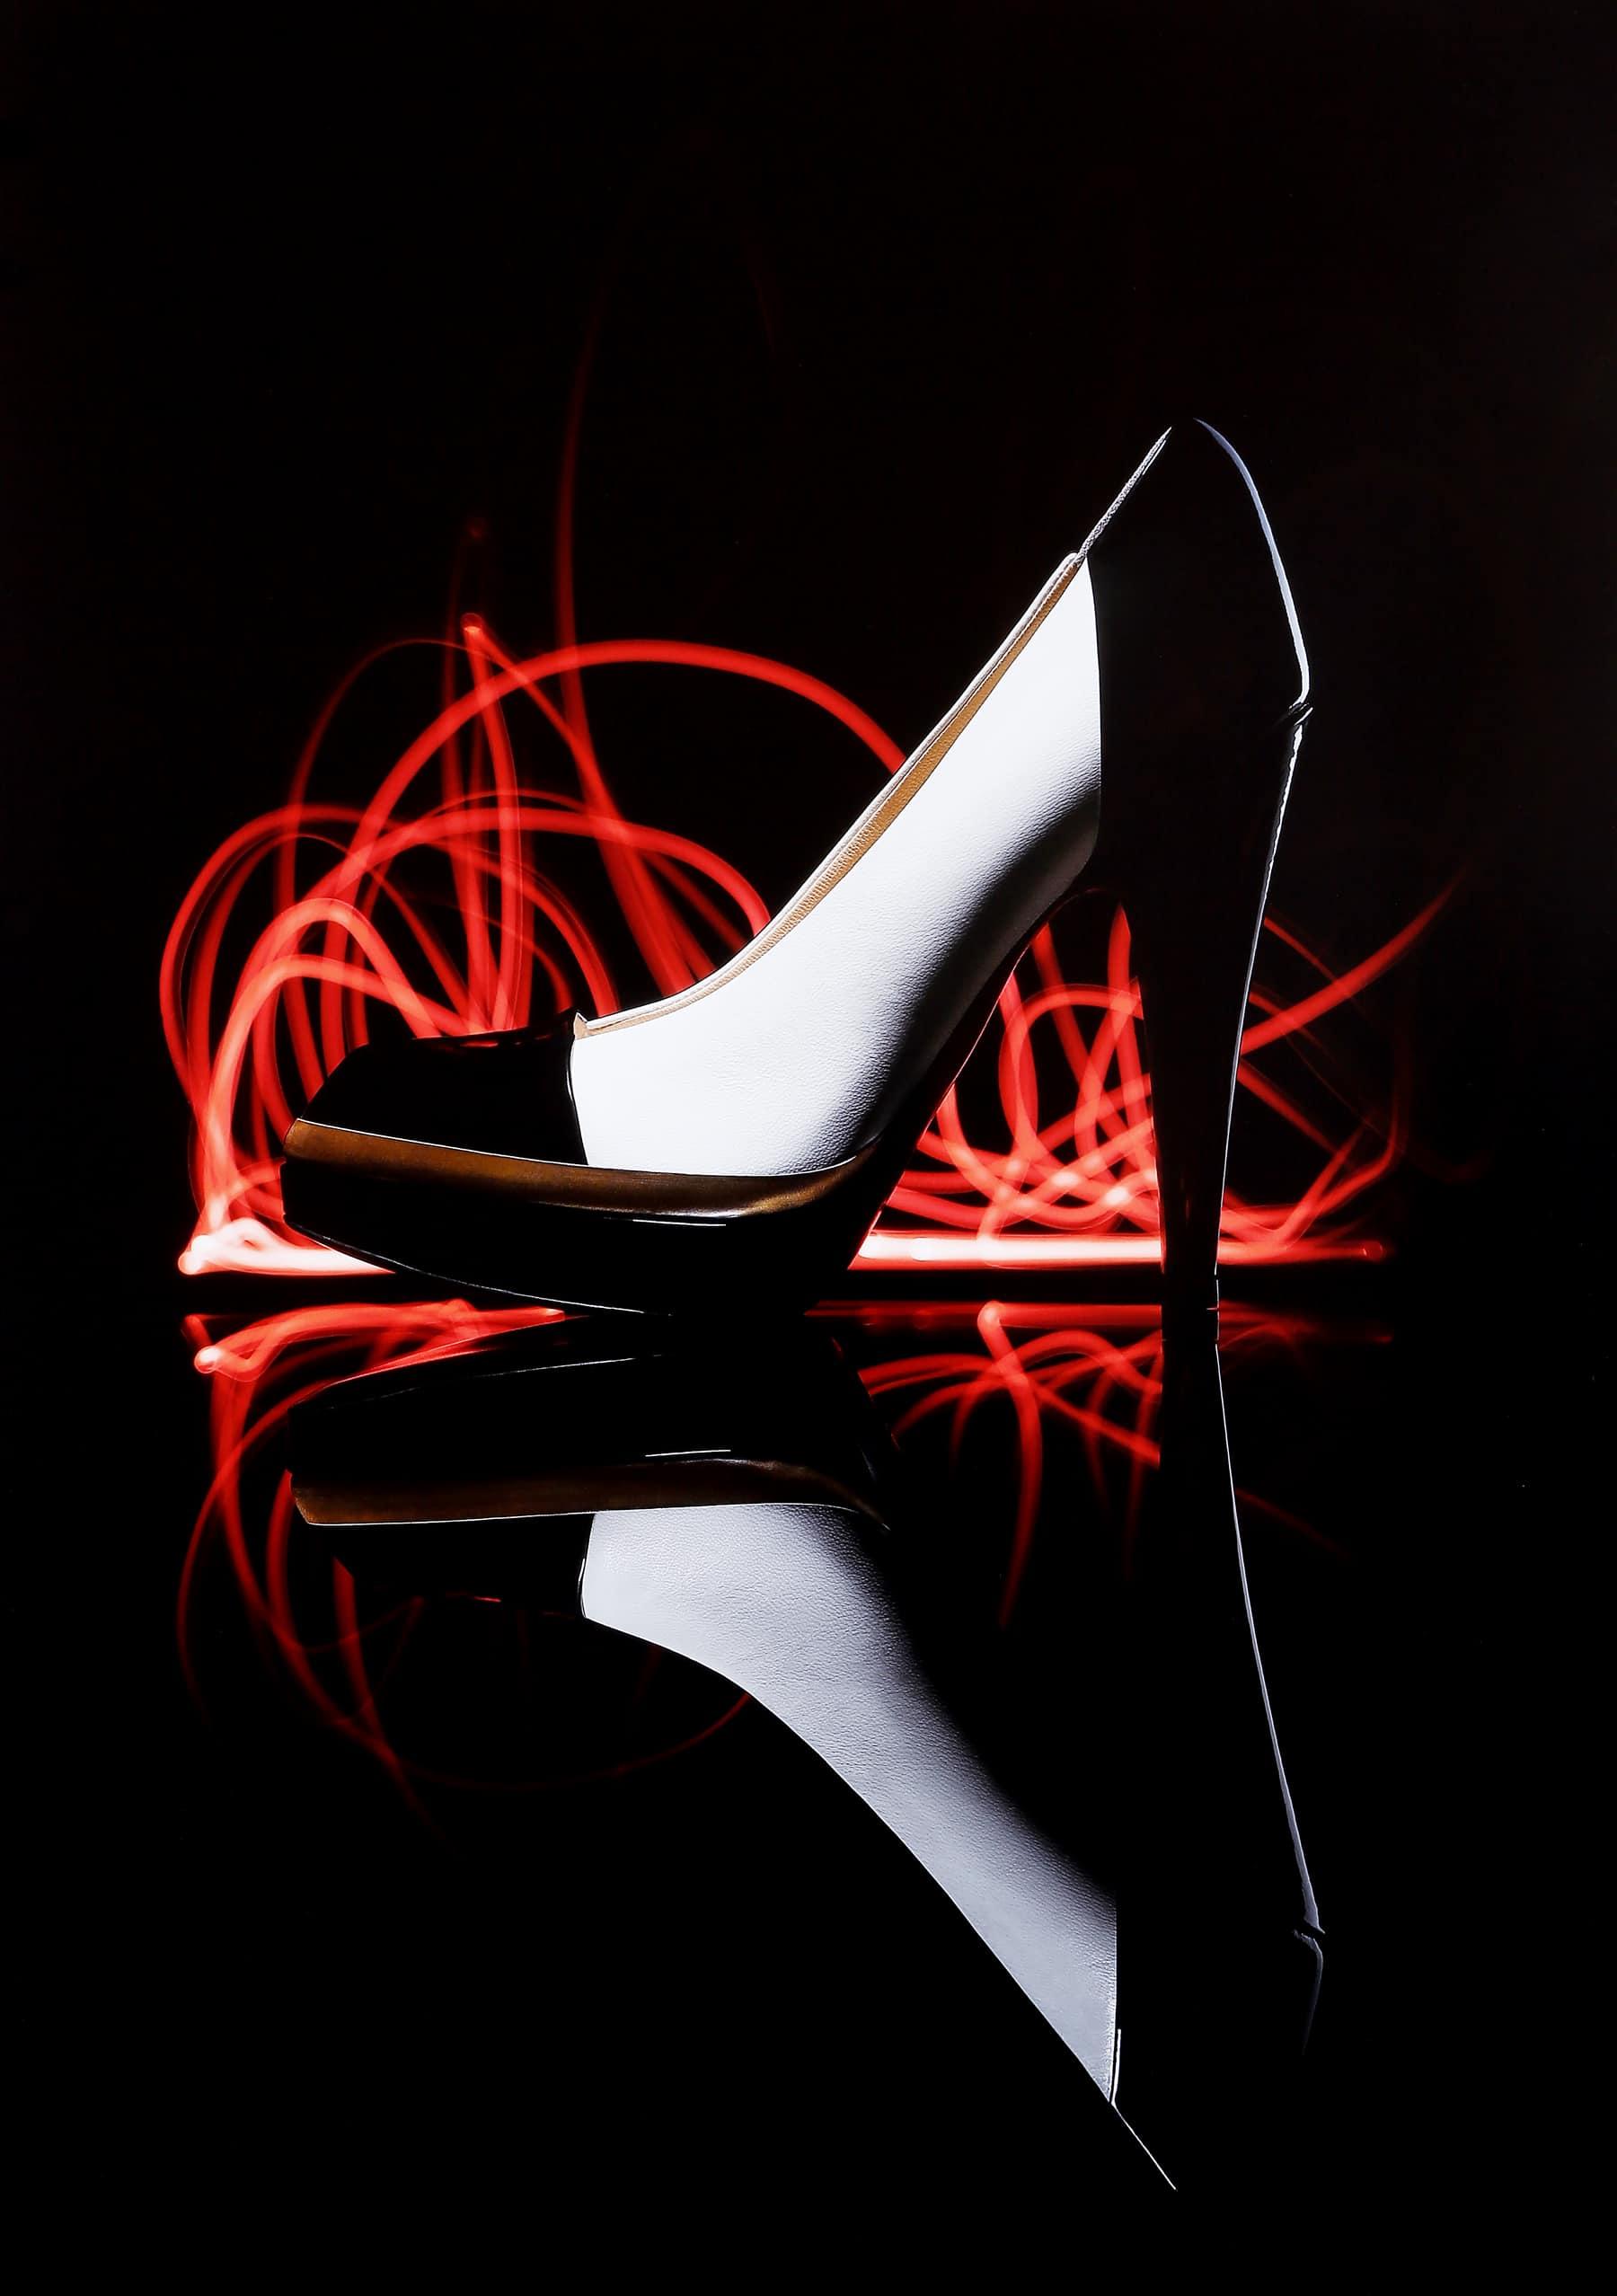 Photographe d'ambiance nature morte - Chaussure Dior- Digital Chic - © Crédit Photo Jean-Philippe Martin - Tous droits réservés